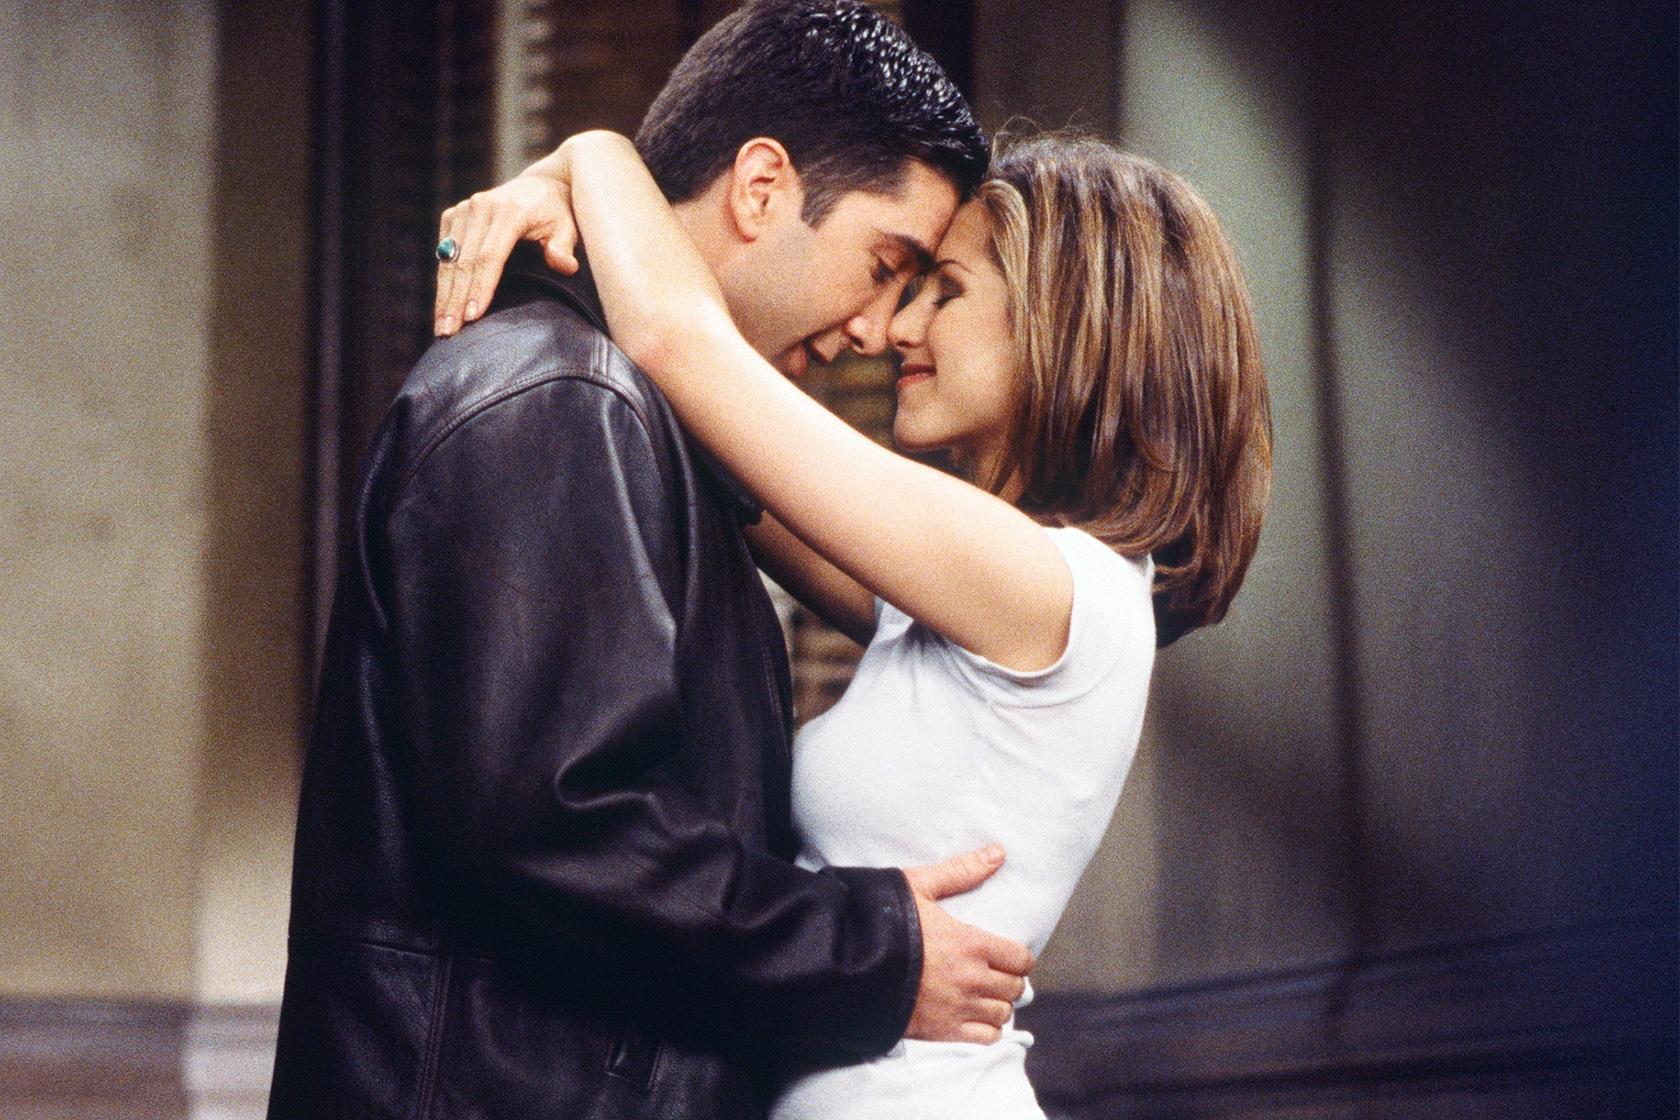 Doe Ross en Rachel hook up goede ideeën voor dating jubilea